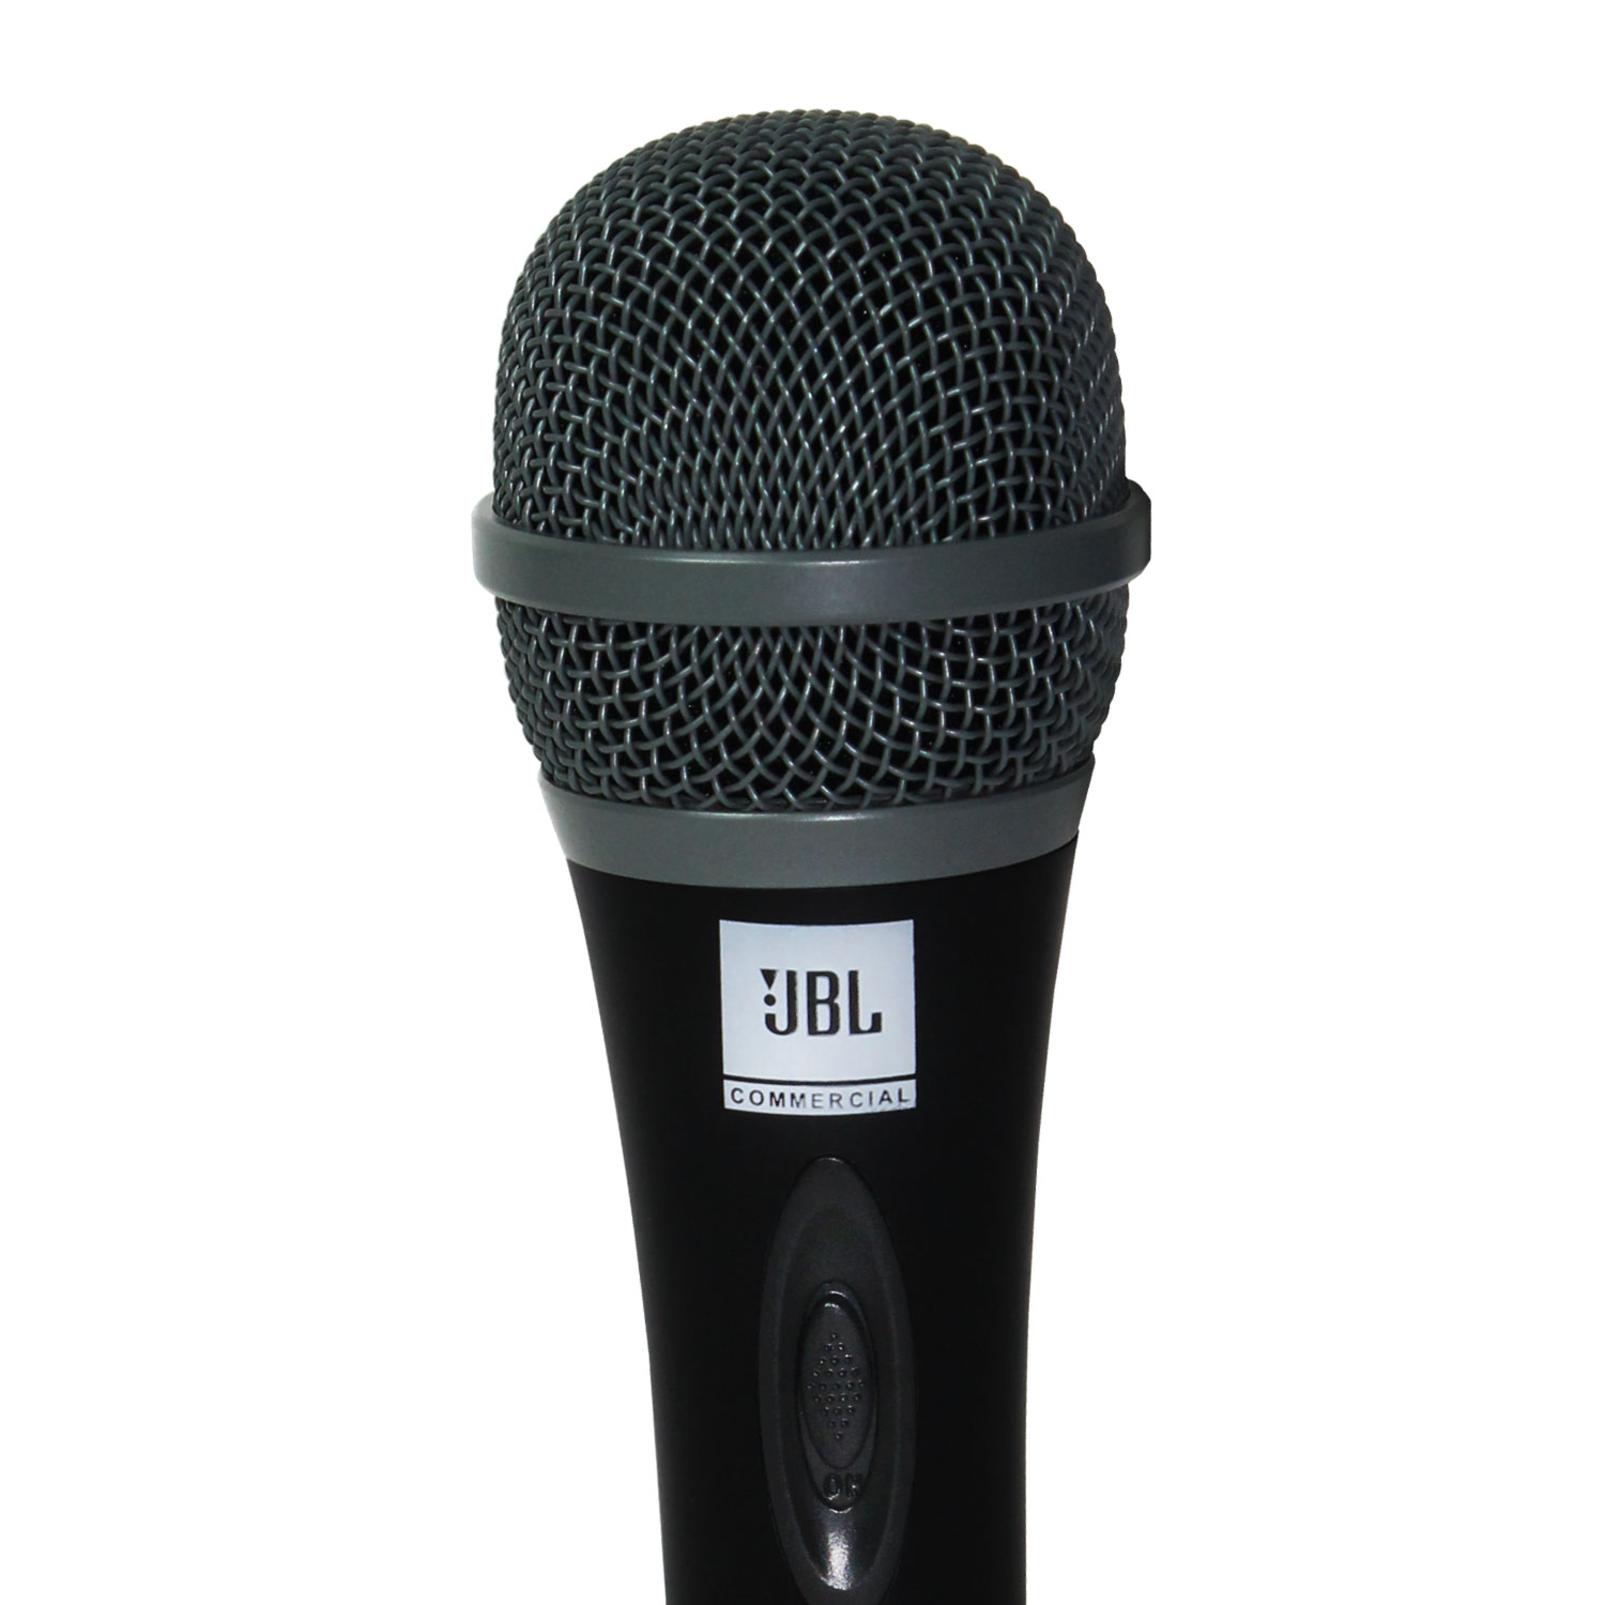 JBLCSHM10 - Black - Handheld Dynamic Vocal Microphone - Detailshot 1